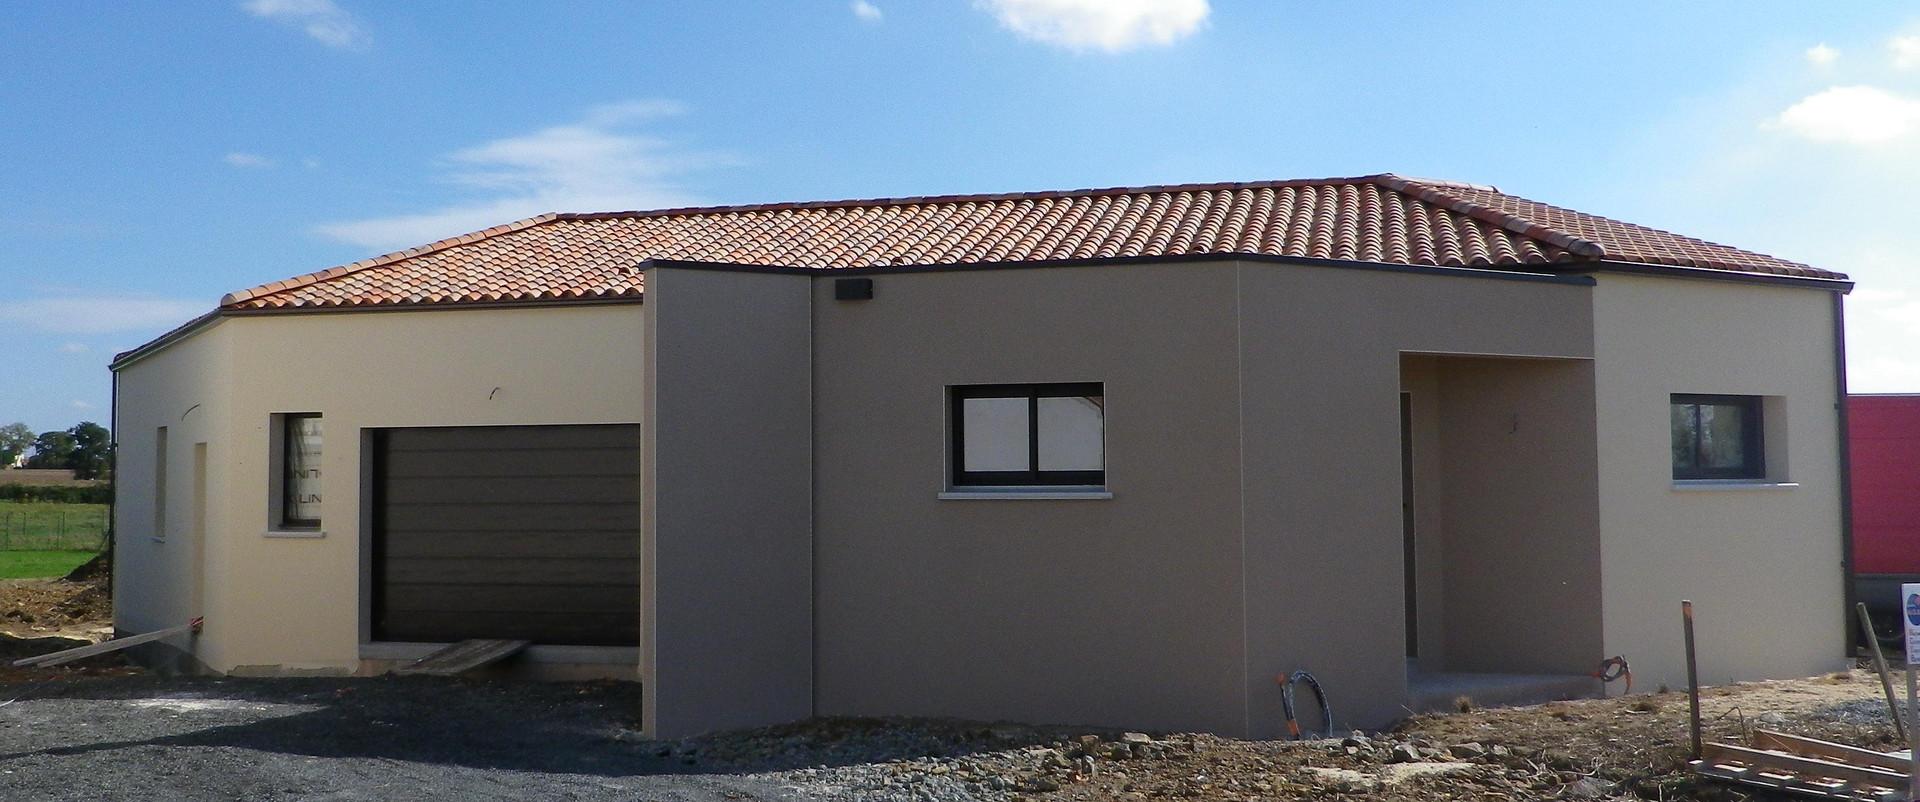 Maison neuve traditionnelle avec partie toiture terrasse